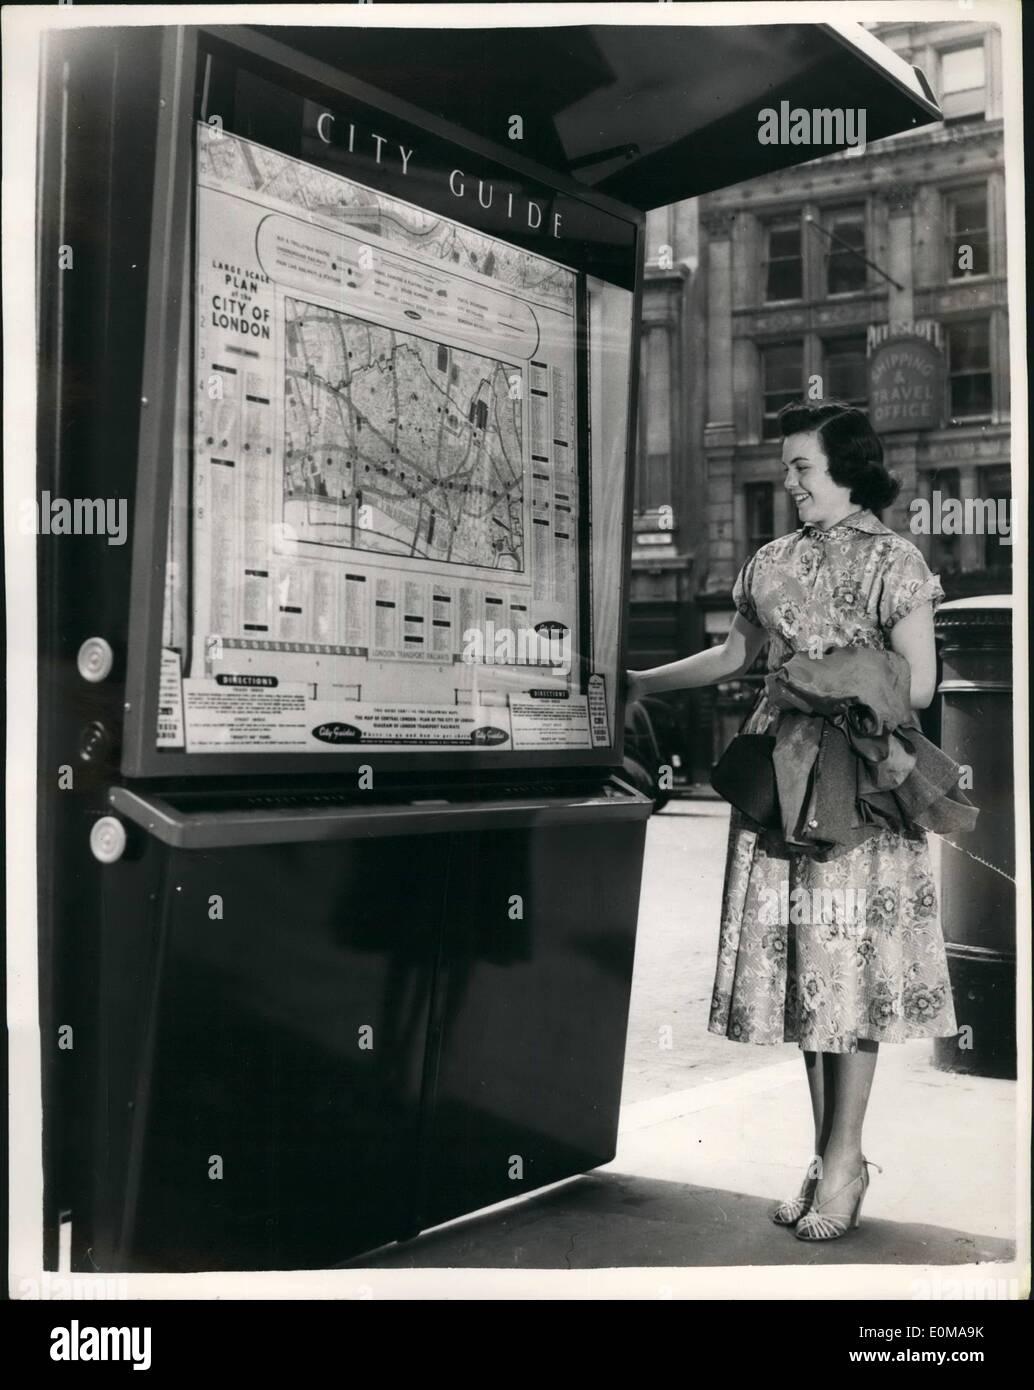 Maggio 05, 1954 - Nuovo Seven-Foot High Street Guida di Londra ha svelato: Assessore G.E. Earlebach, Presidente delle strade della città Comitato - questa mattina eseguito la cerimonia di inaugurazione della prima di cinquanta - sette piedi alto ''Le guide di Londra'' - sul marciapiede di fronte Cattedrale di San Paolo. Tavole di guida sono posizionati in corrispondenza di punti di tutta Londra - e alla svolta di un manico cross mappe di riferimento srotolare dietro vetro infrangibile. A lato delle mappe sono elenchi di 3.000 negozi, business case ecc e un elenco di 4.500 strade. La guida è il lavoro del norvegese Lars Ringdal di Oslo Immagini Stock